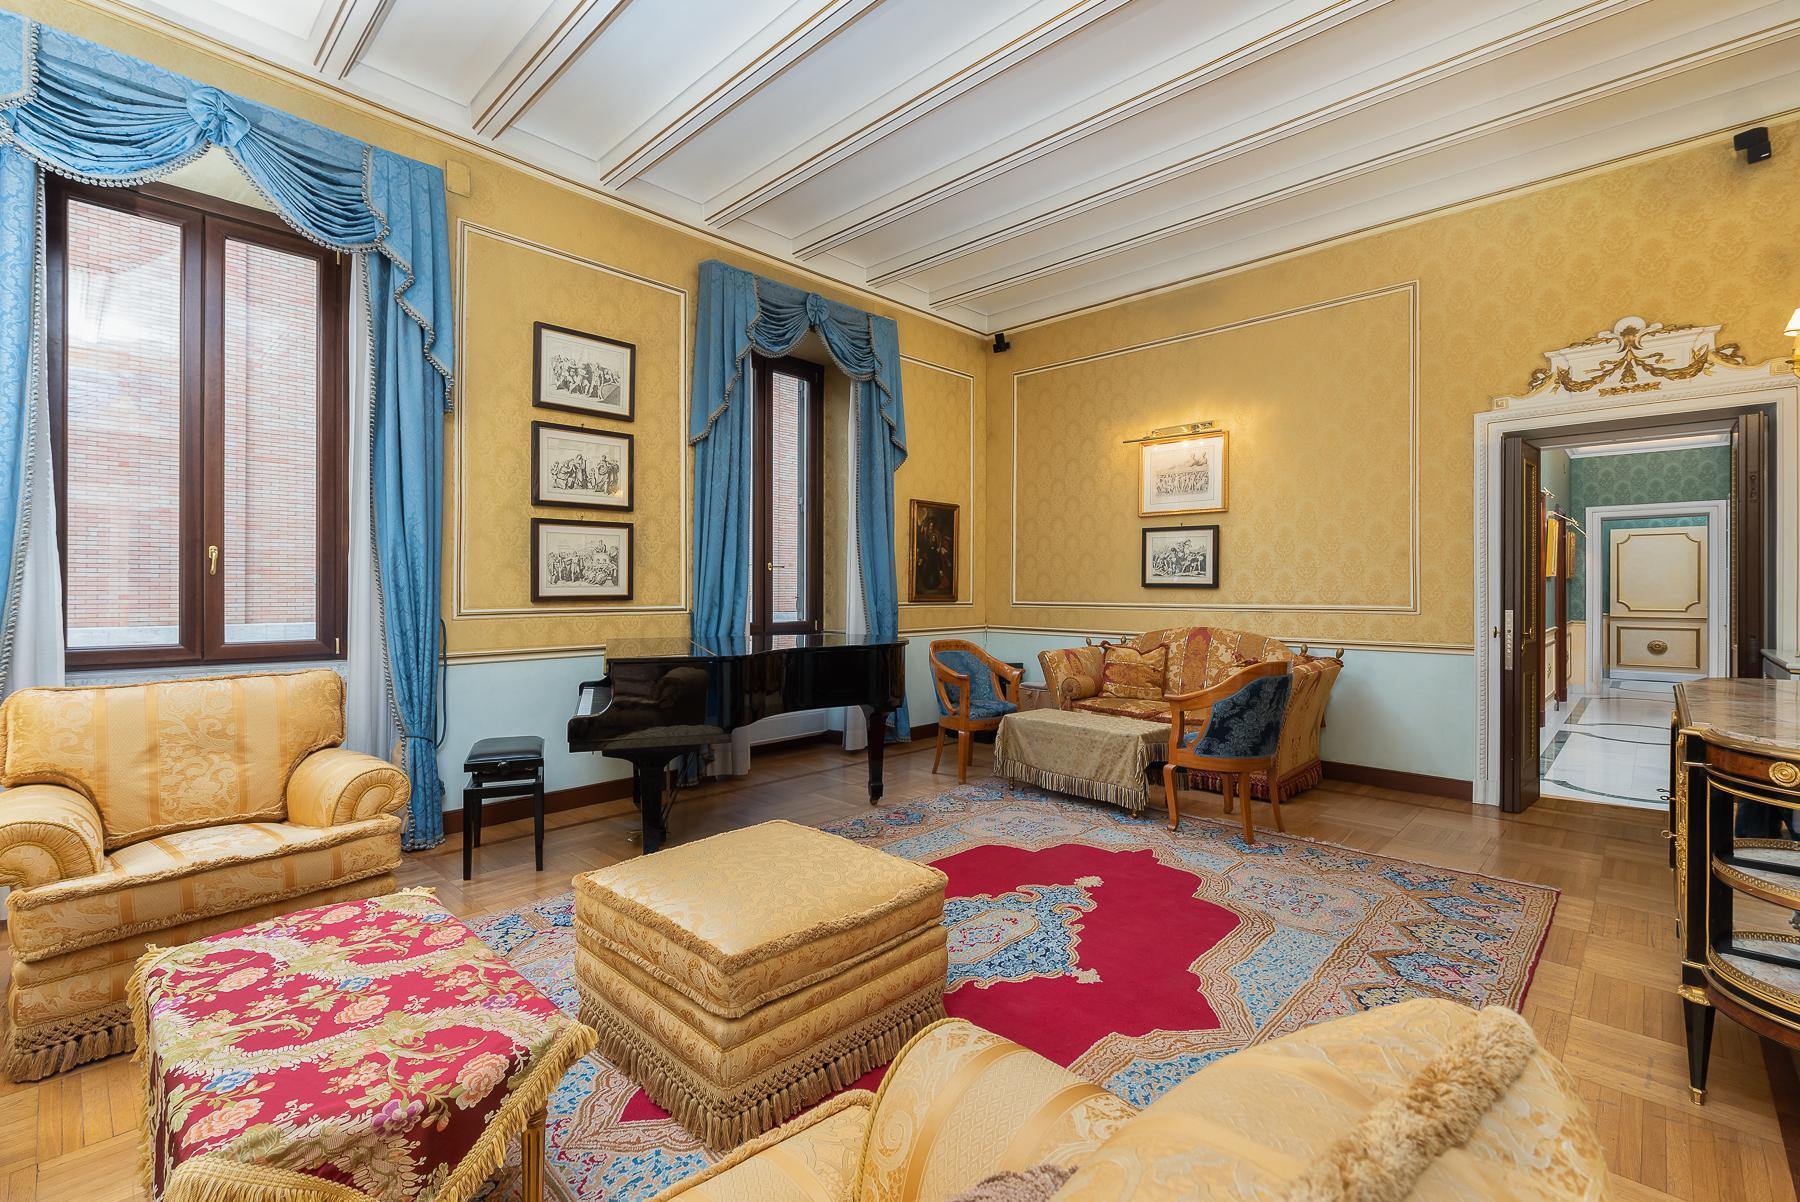 Роскошная квартира с большой террасой  в элегантном здании начала 900 года - 1